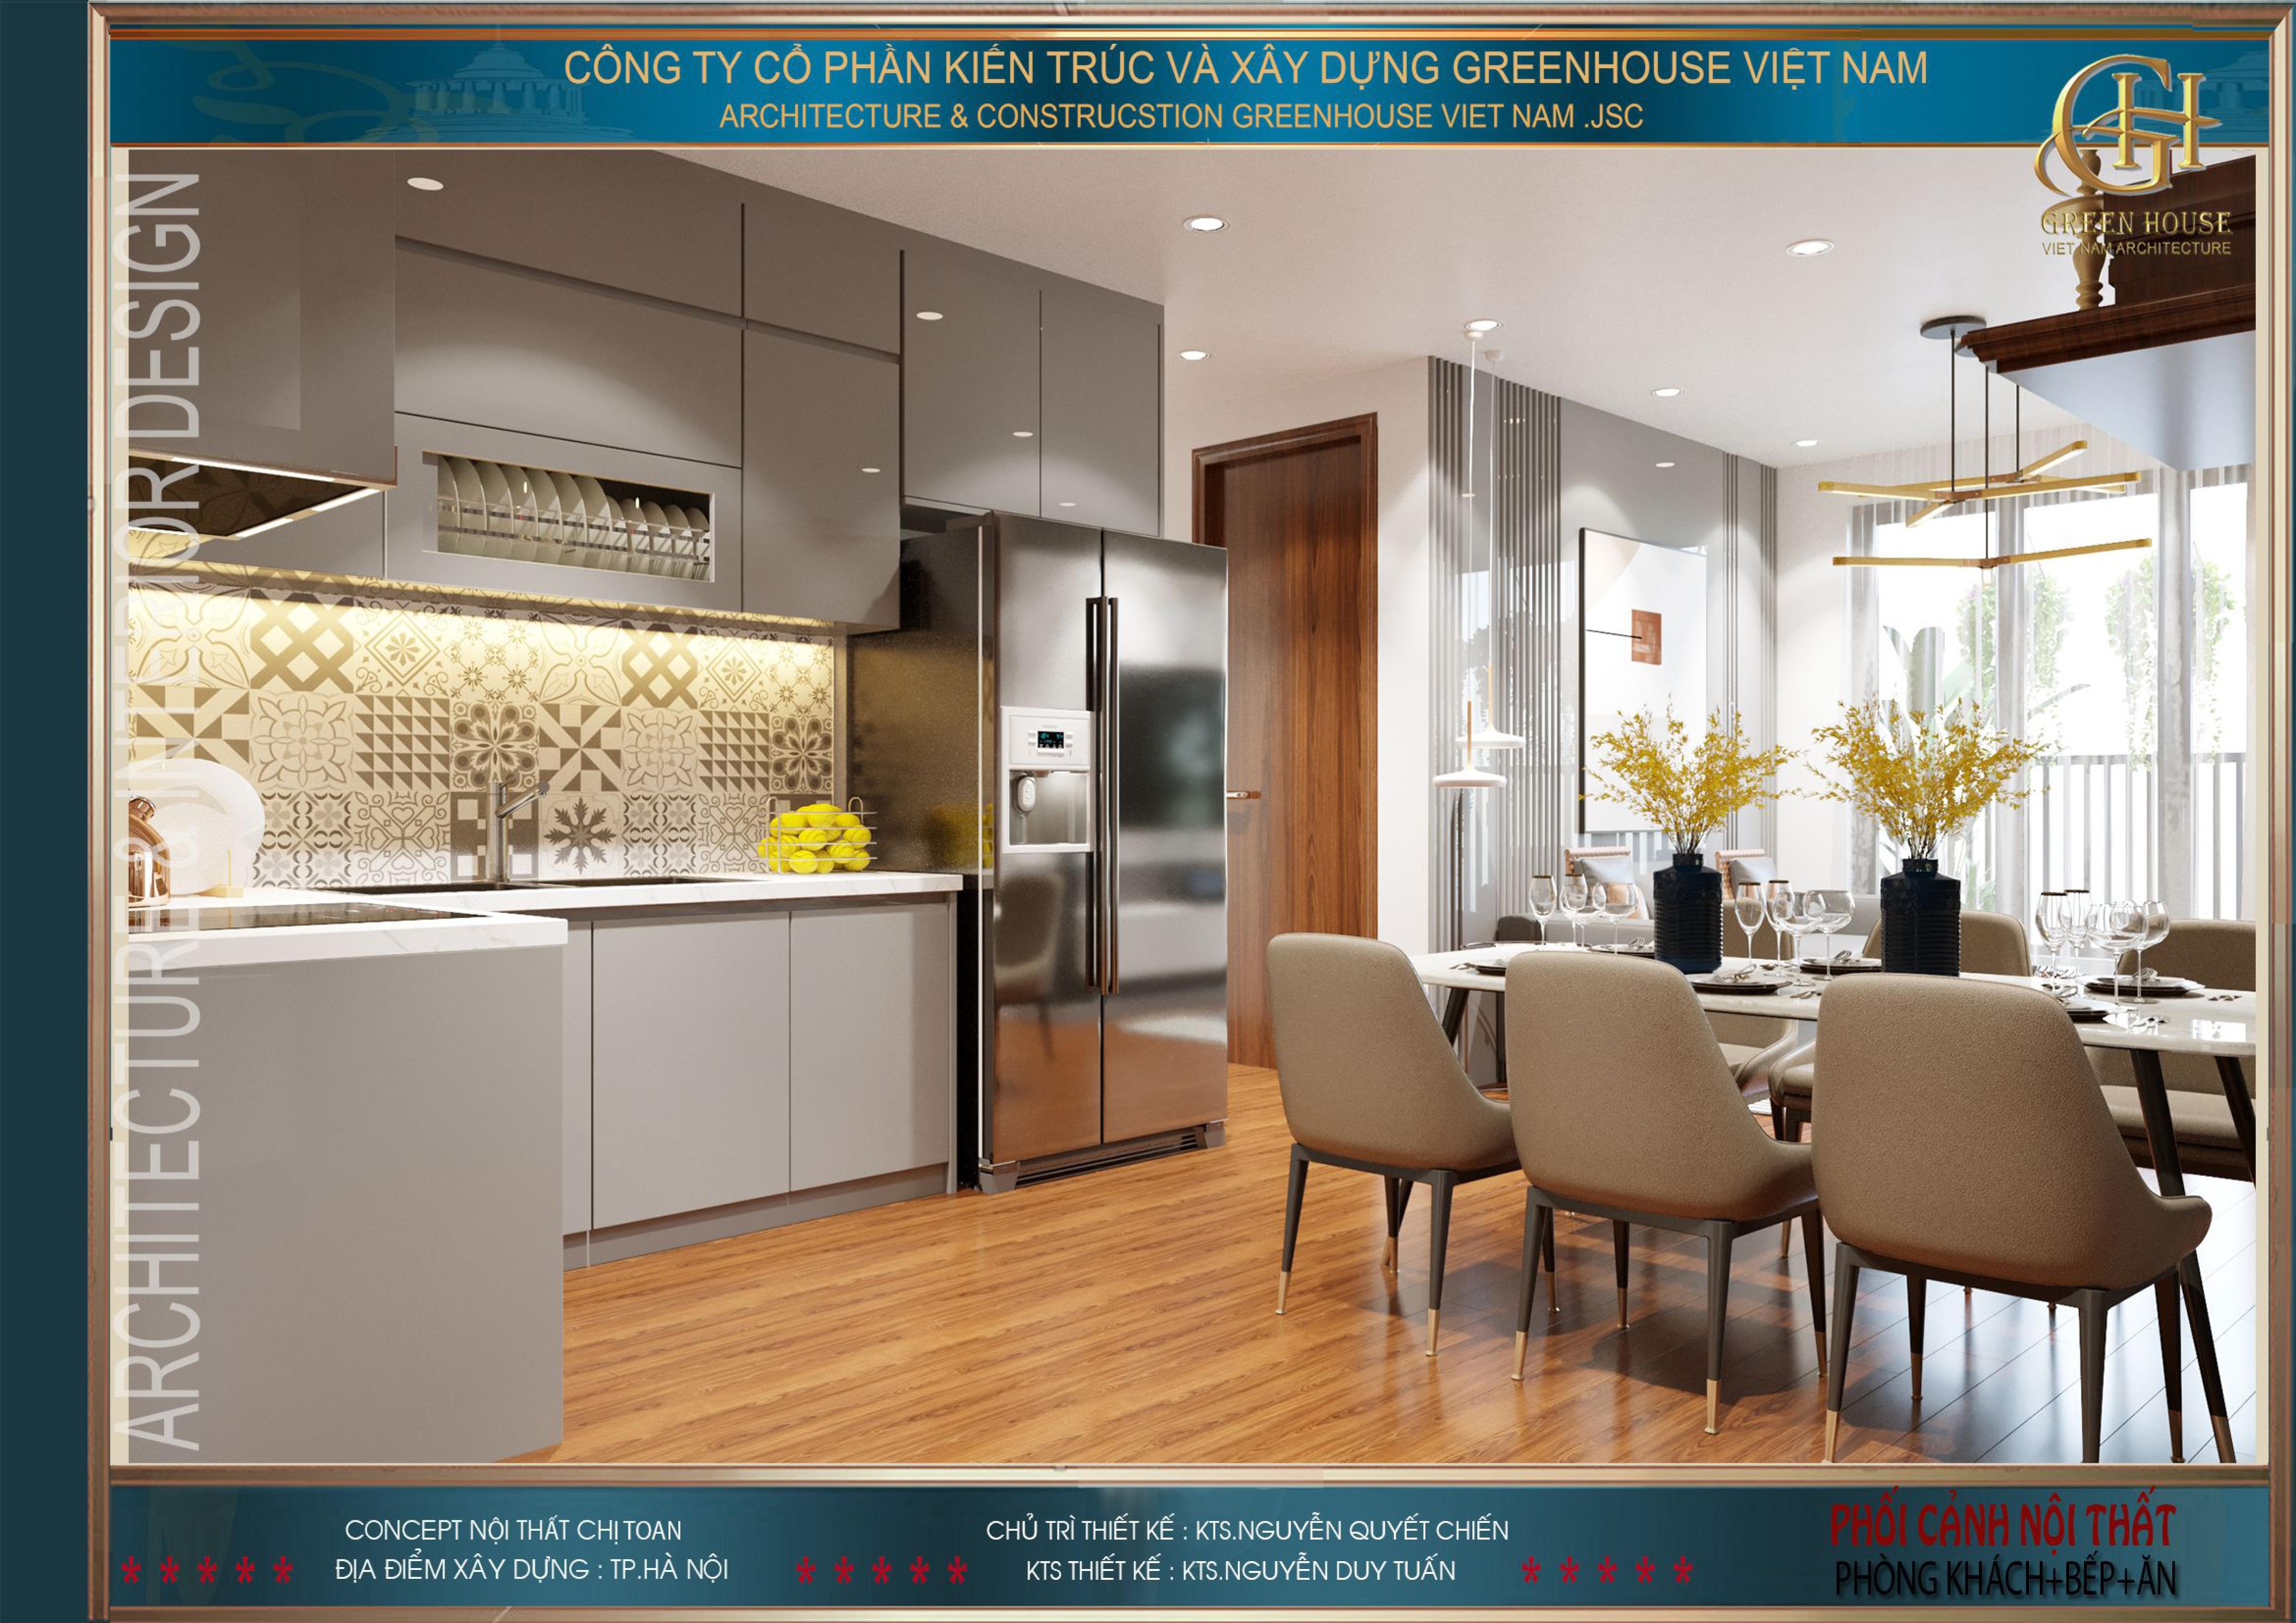 Phòng bếp được thiết kế đồ nội thất hiện đại, sang trọng